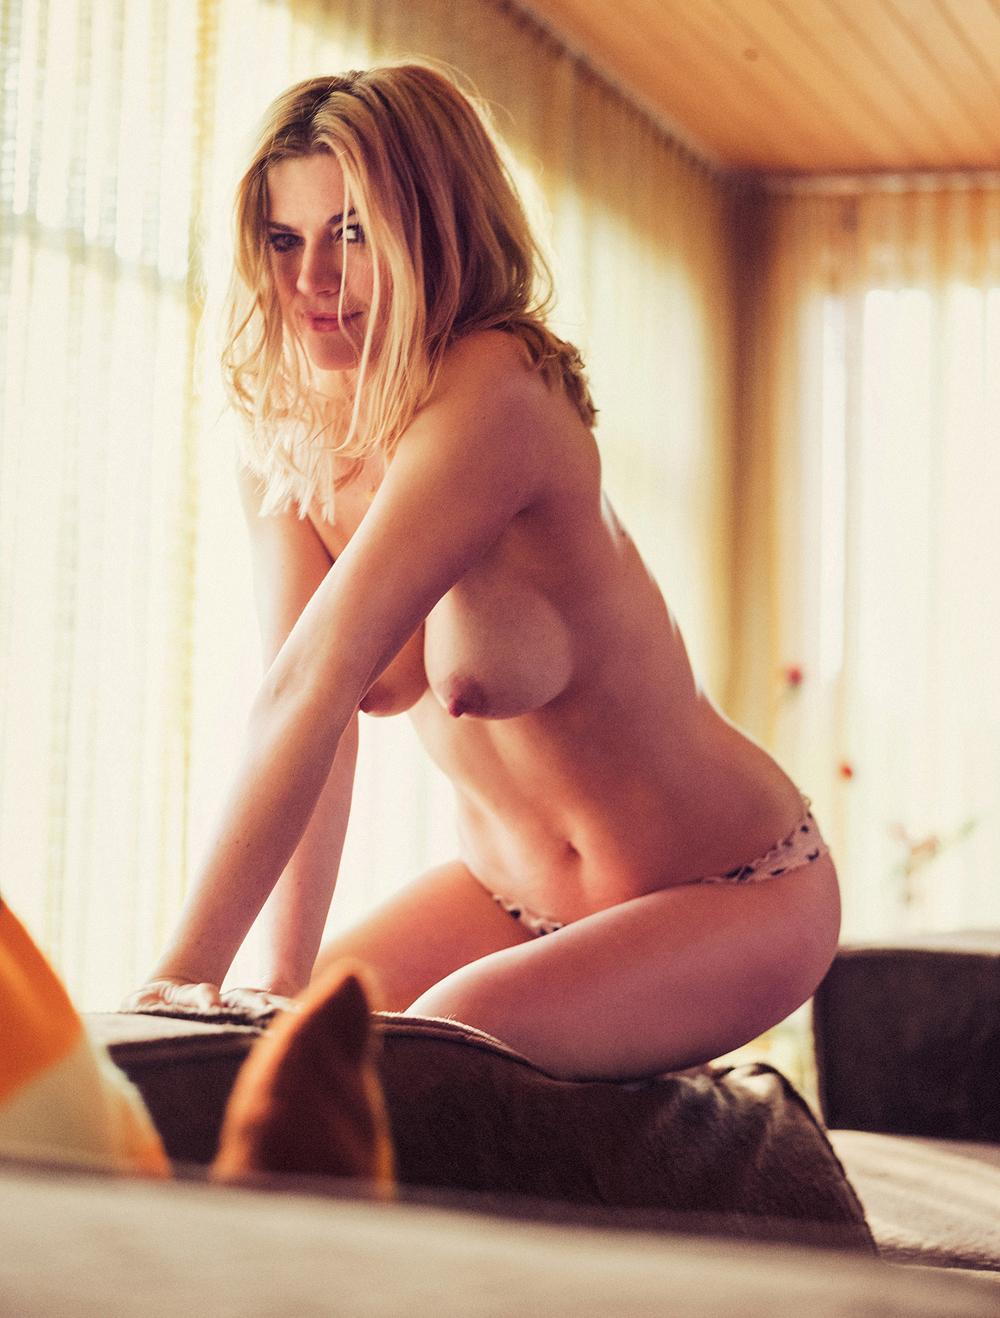 Nina bott nude pusy pics